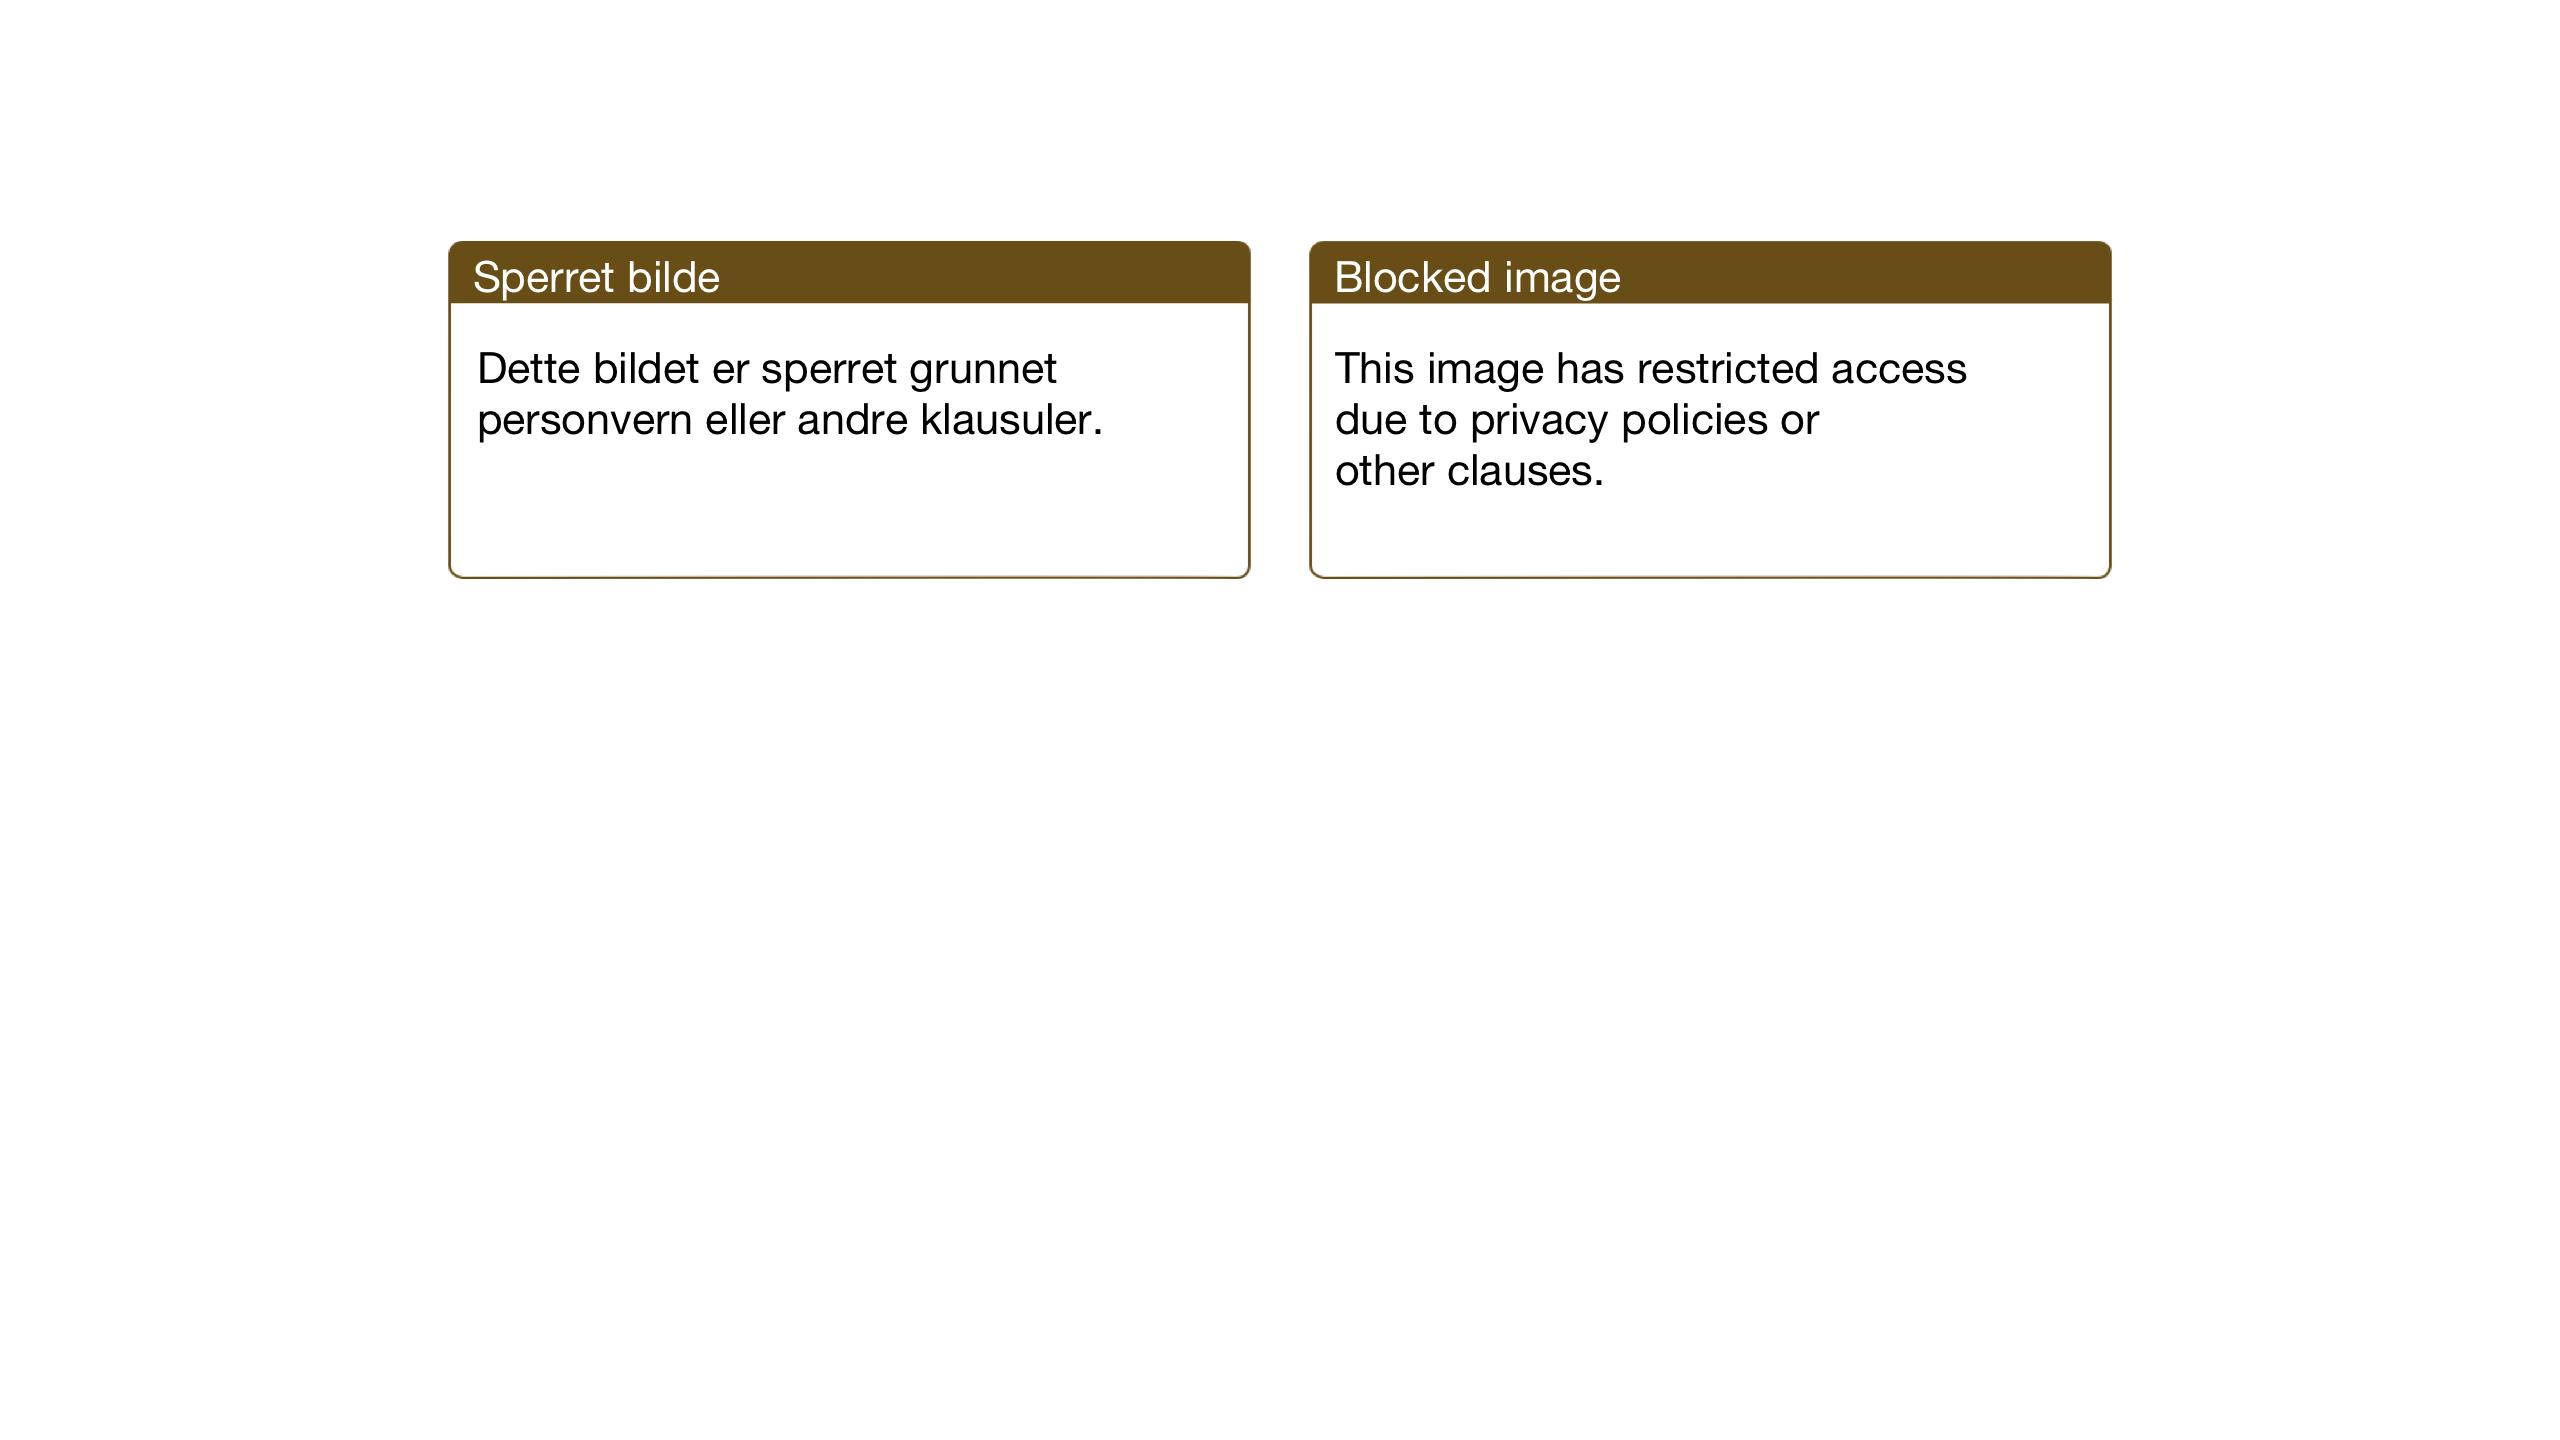 SAT, Ministerialprotokoller, klokkerbøker og fødselsregistre - Sør-Trøndelag, 689/L1045: Klokkerbok nr. 689C04, 1923-1940, s. 45